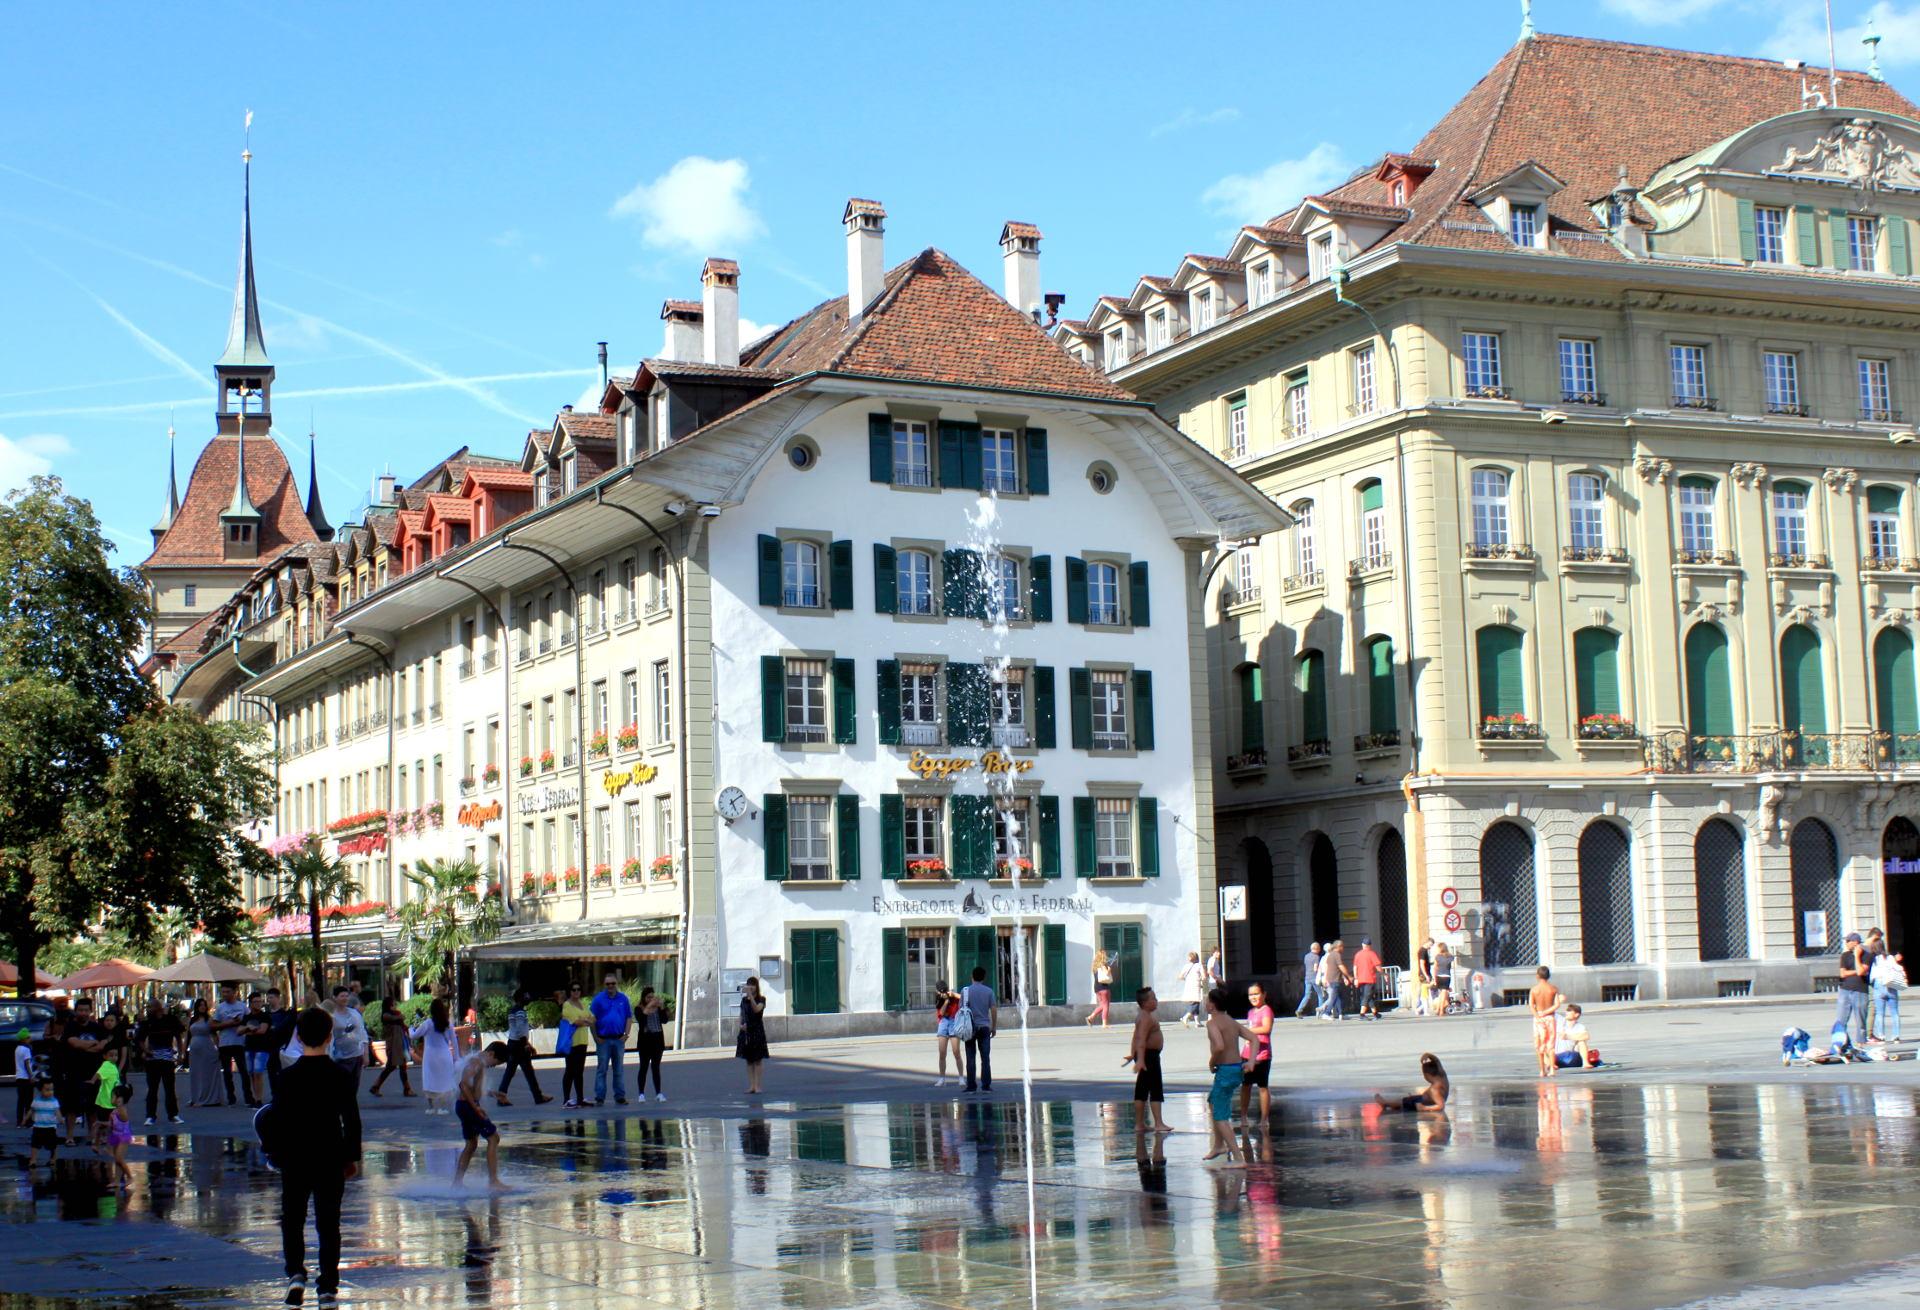 szwajcaria berno bern fontanna stolica miasto stolica iglawpodrozy